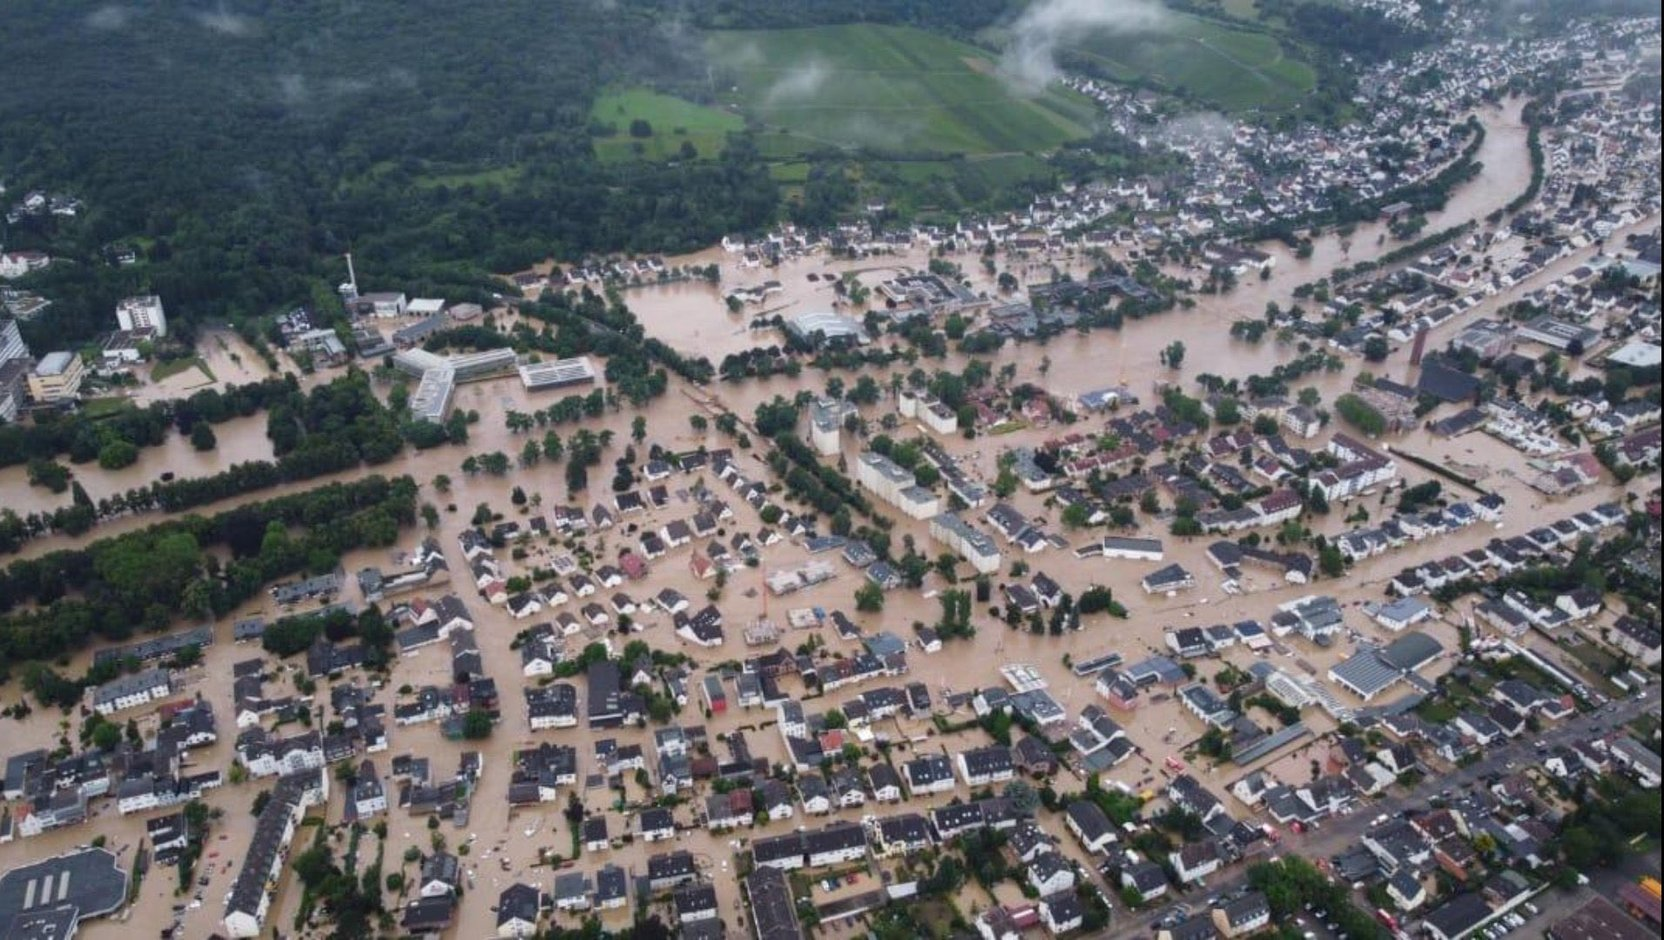 В центральной Мексике эвакуированы более 2,4 тысяч человек из-за наводнения